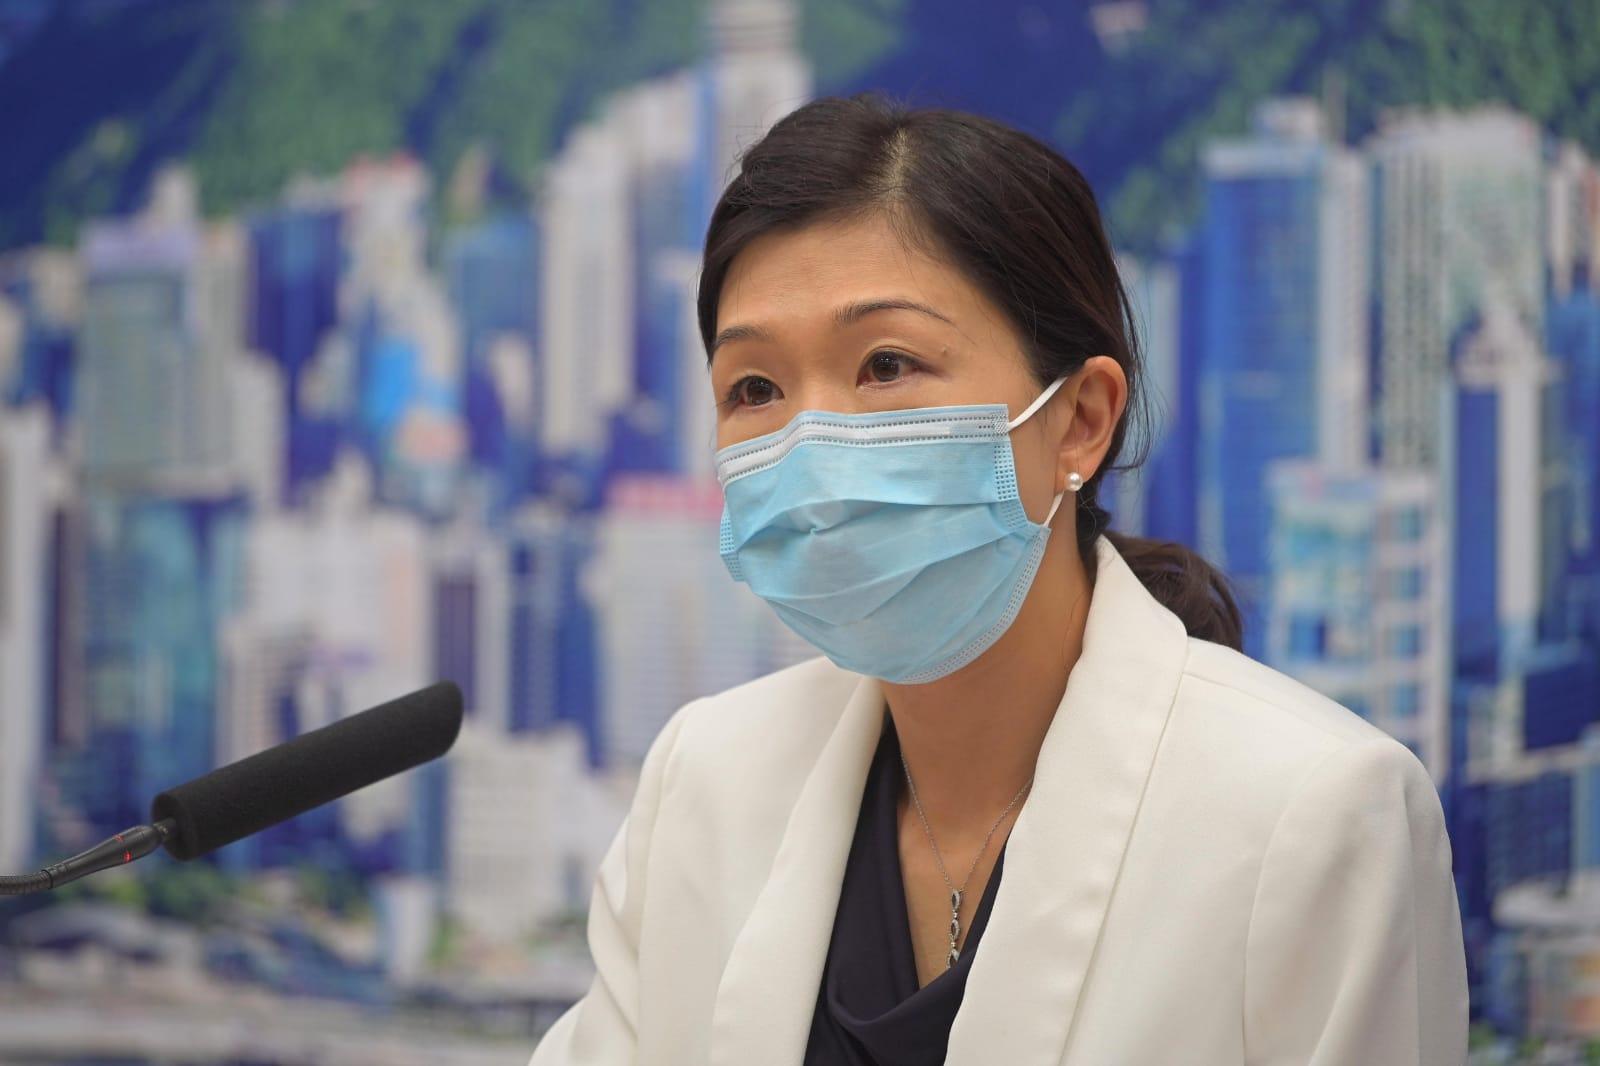 醫管局:445名確診患者仍留醫 27人危殆 | 多倫多 | 加拿大中文新聞網 - 加拿大星島日報 Canada Chinese News